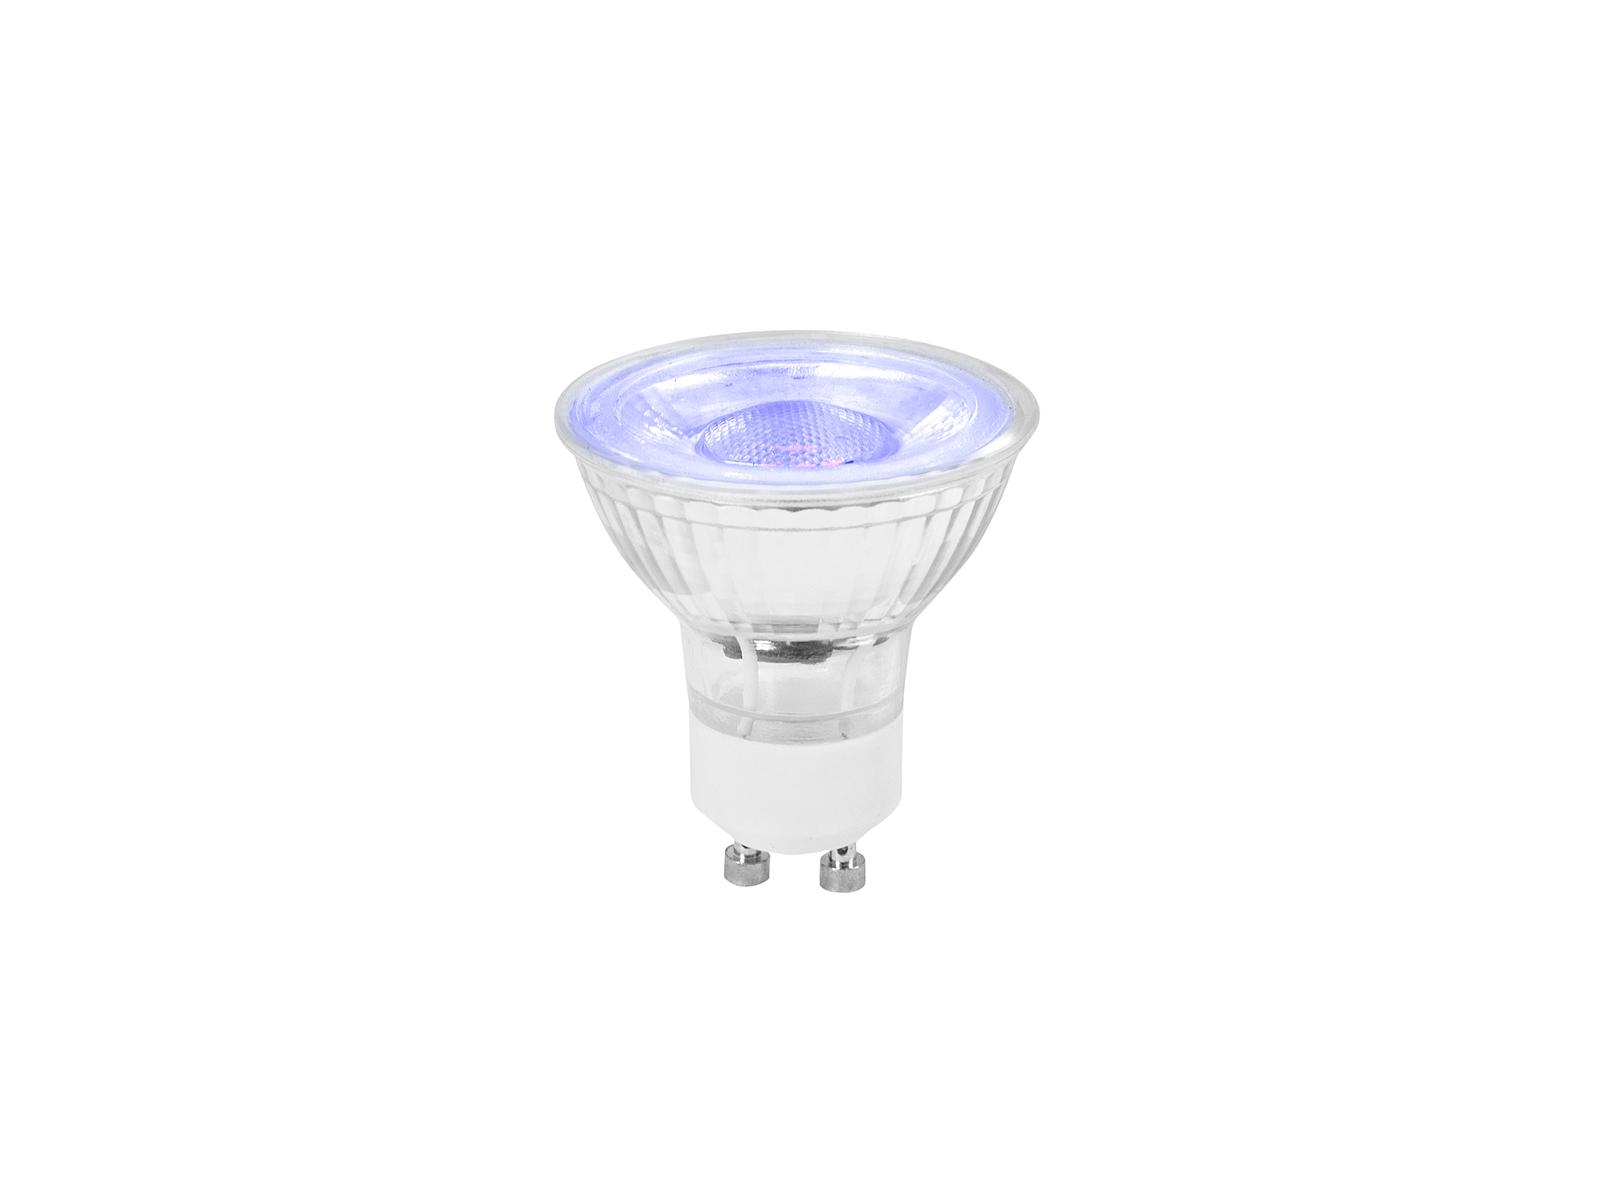 OMNILUX GU-10 230V LED SMD 5W UV